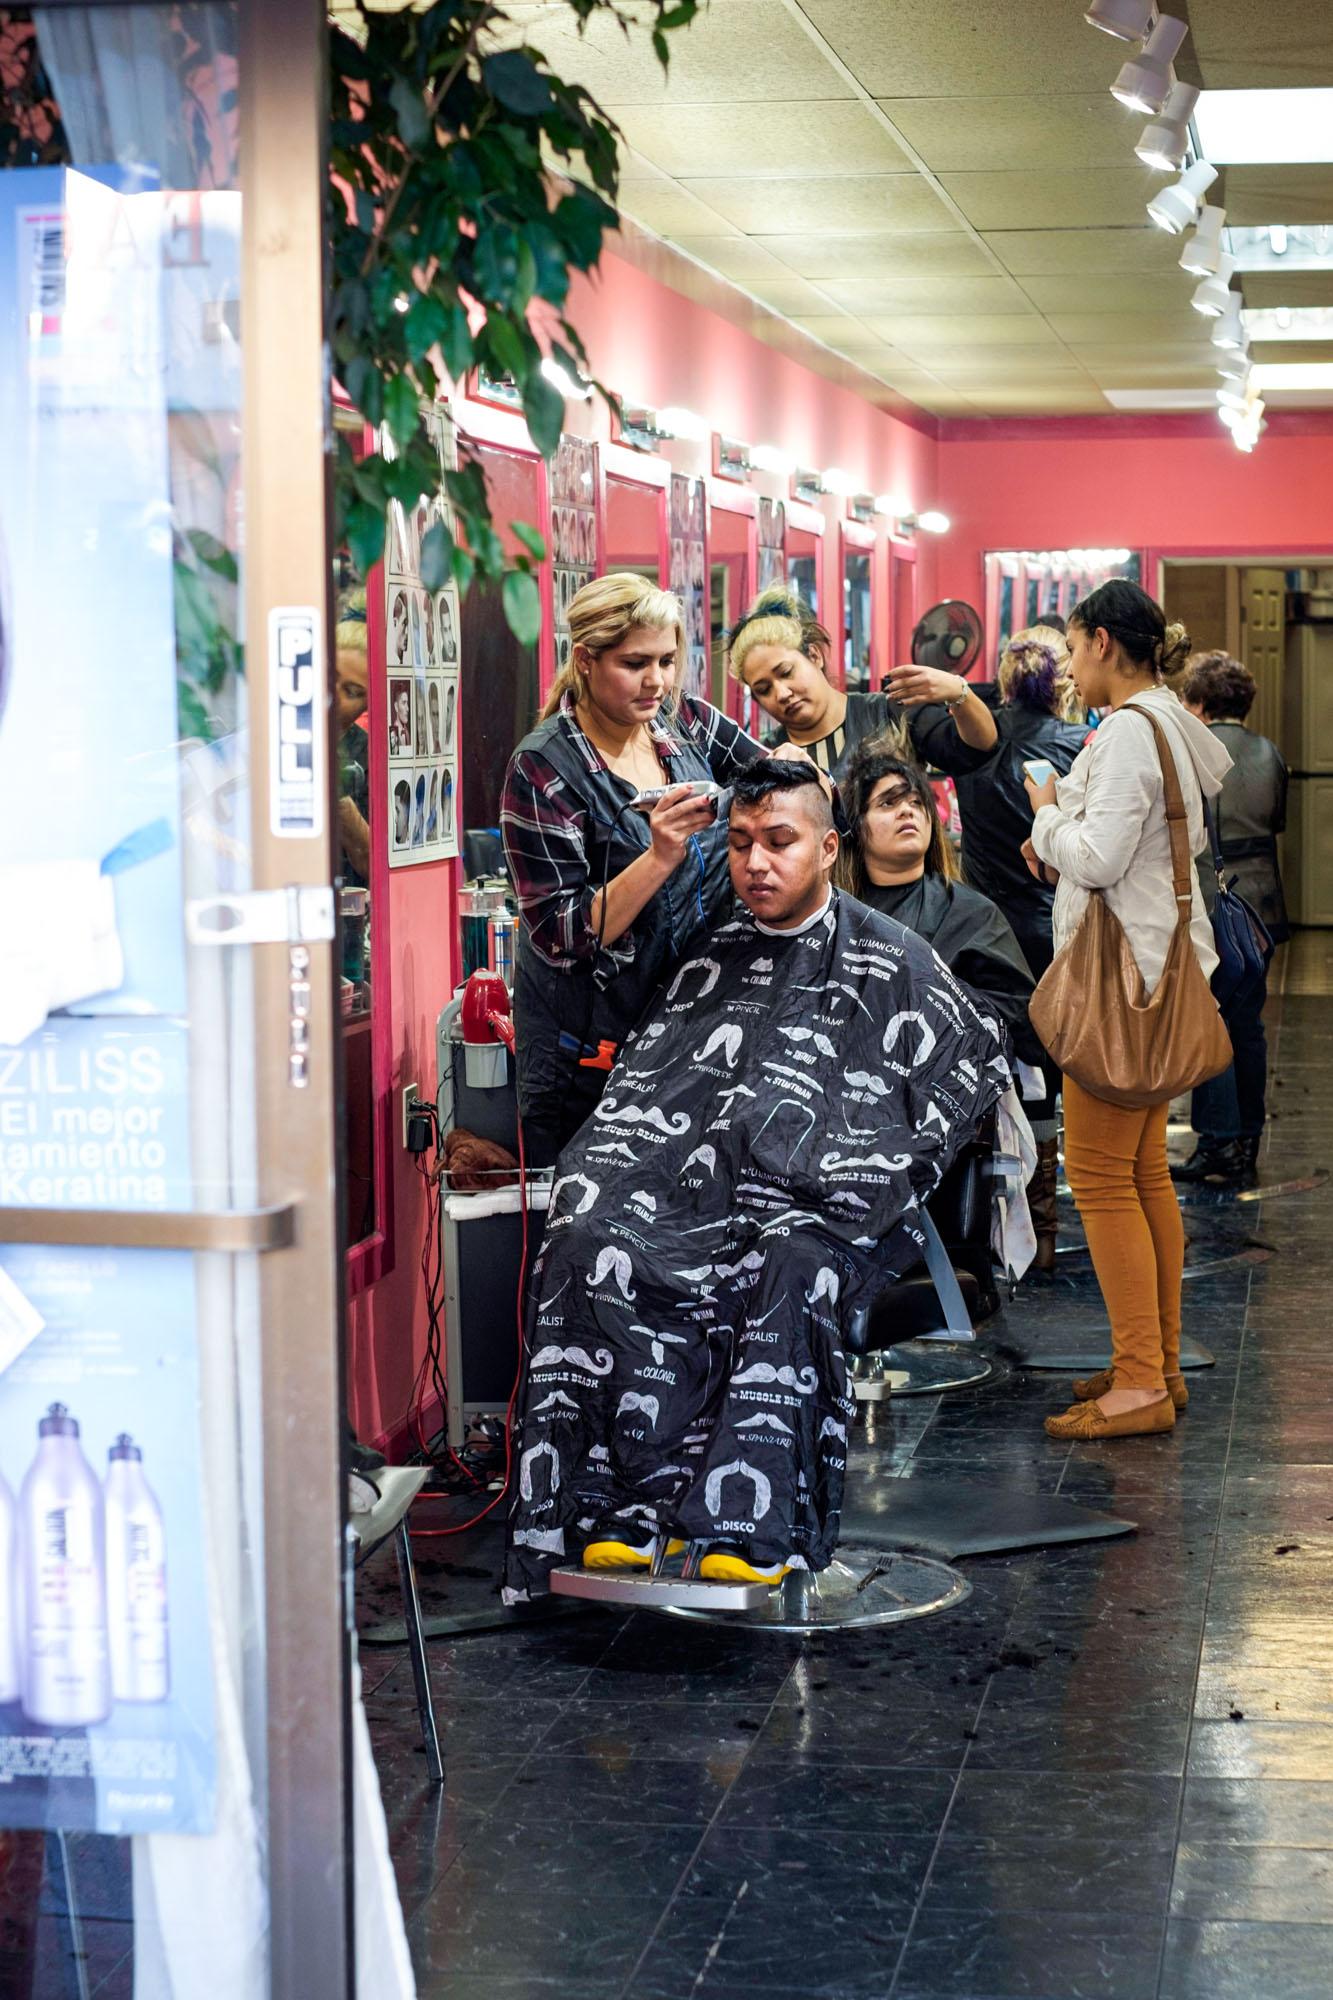 peeking inside a barbershop